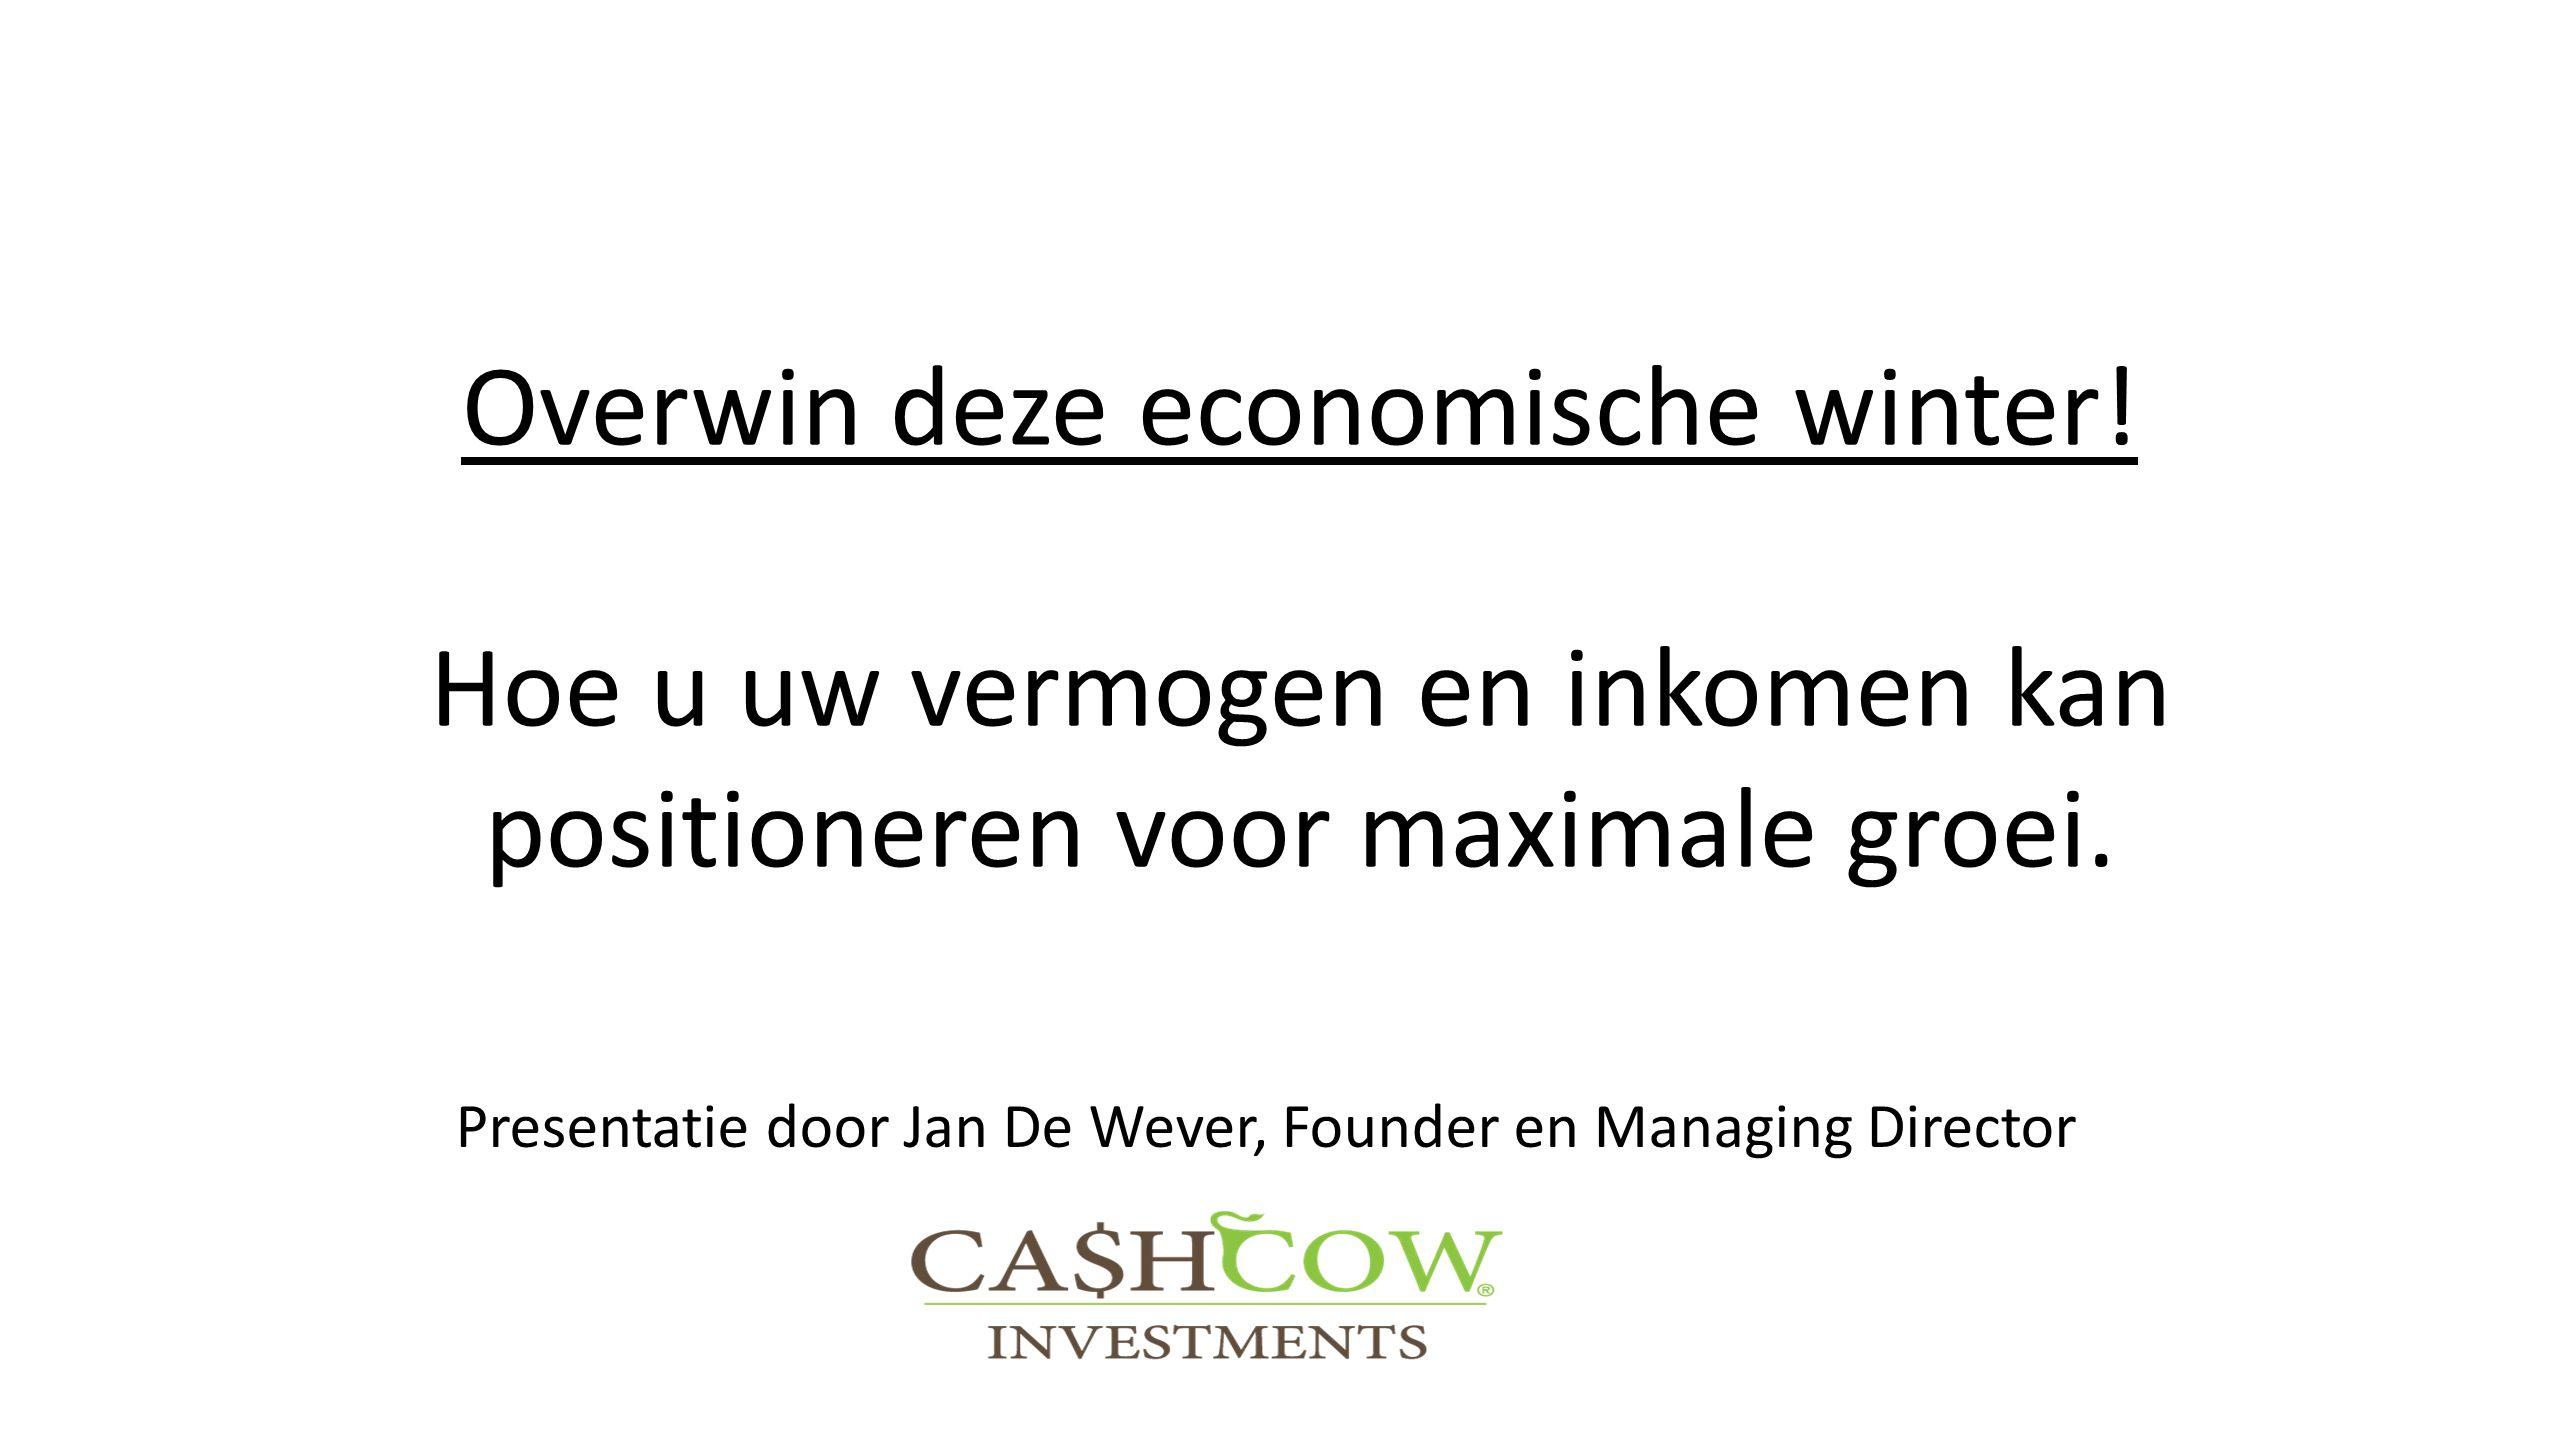 Overwin deze economische winter! Hoe u uw vermogen en inkomen kan positioneren voor maximale groei. Presentatie door Jan De Wever, Founder en Managing